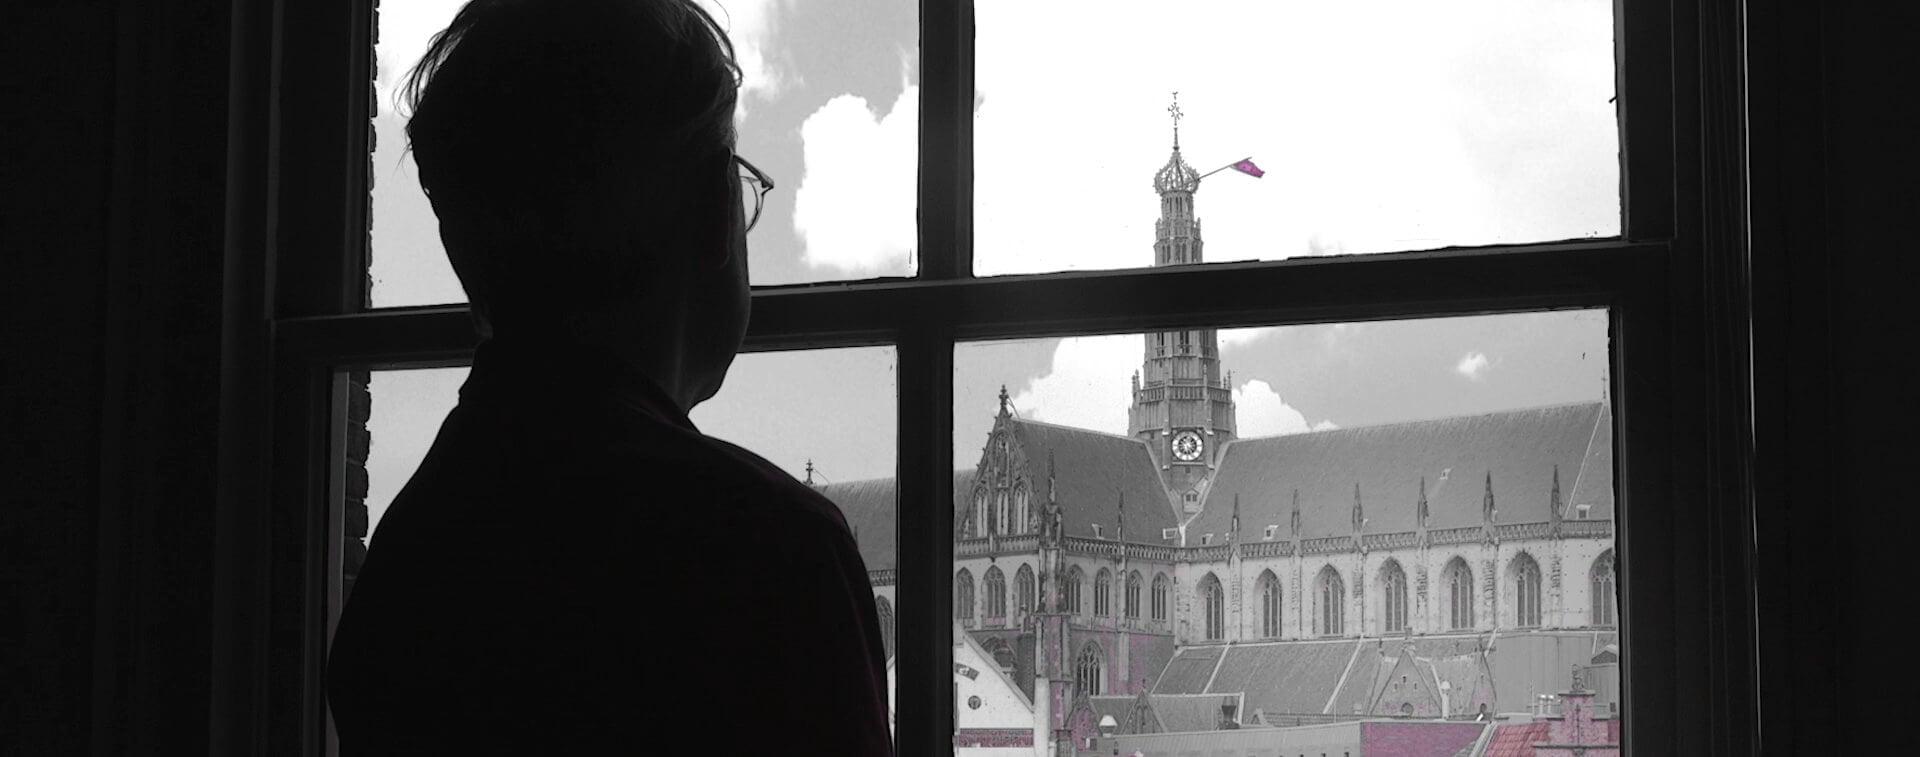 Stefan de Groot studio met uitzicht op de Grote of Sint Bavo